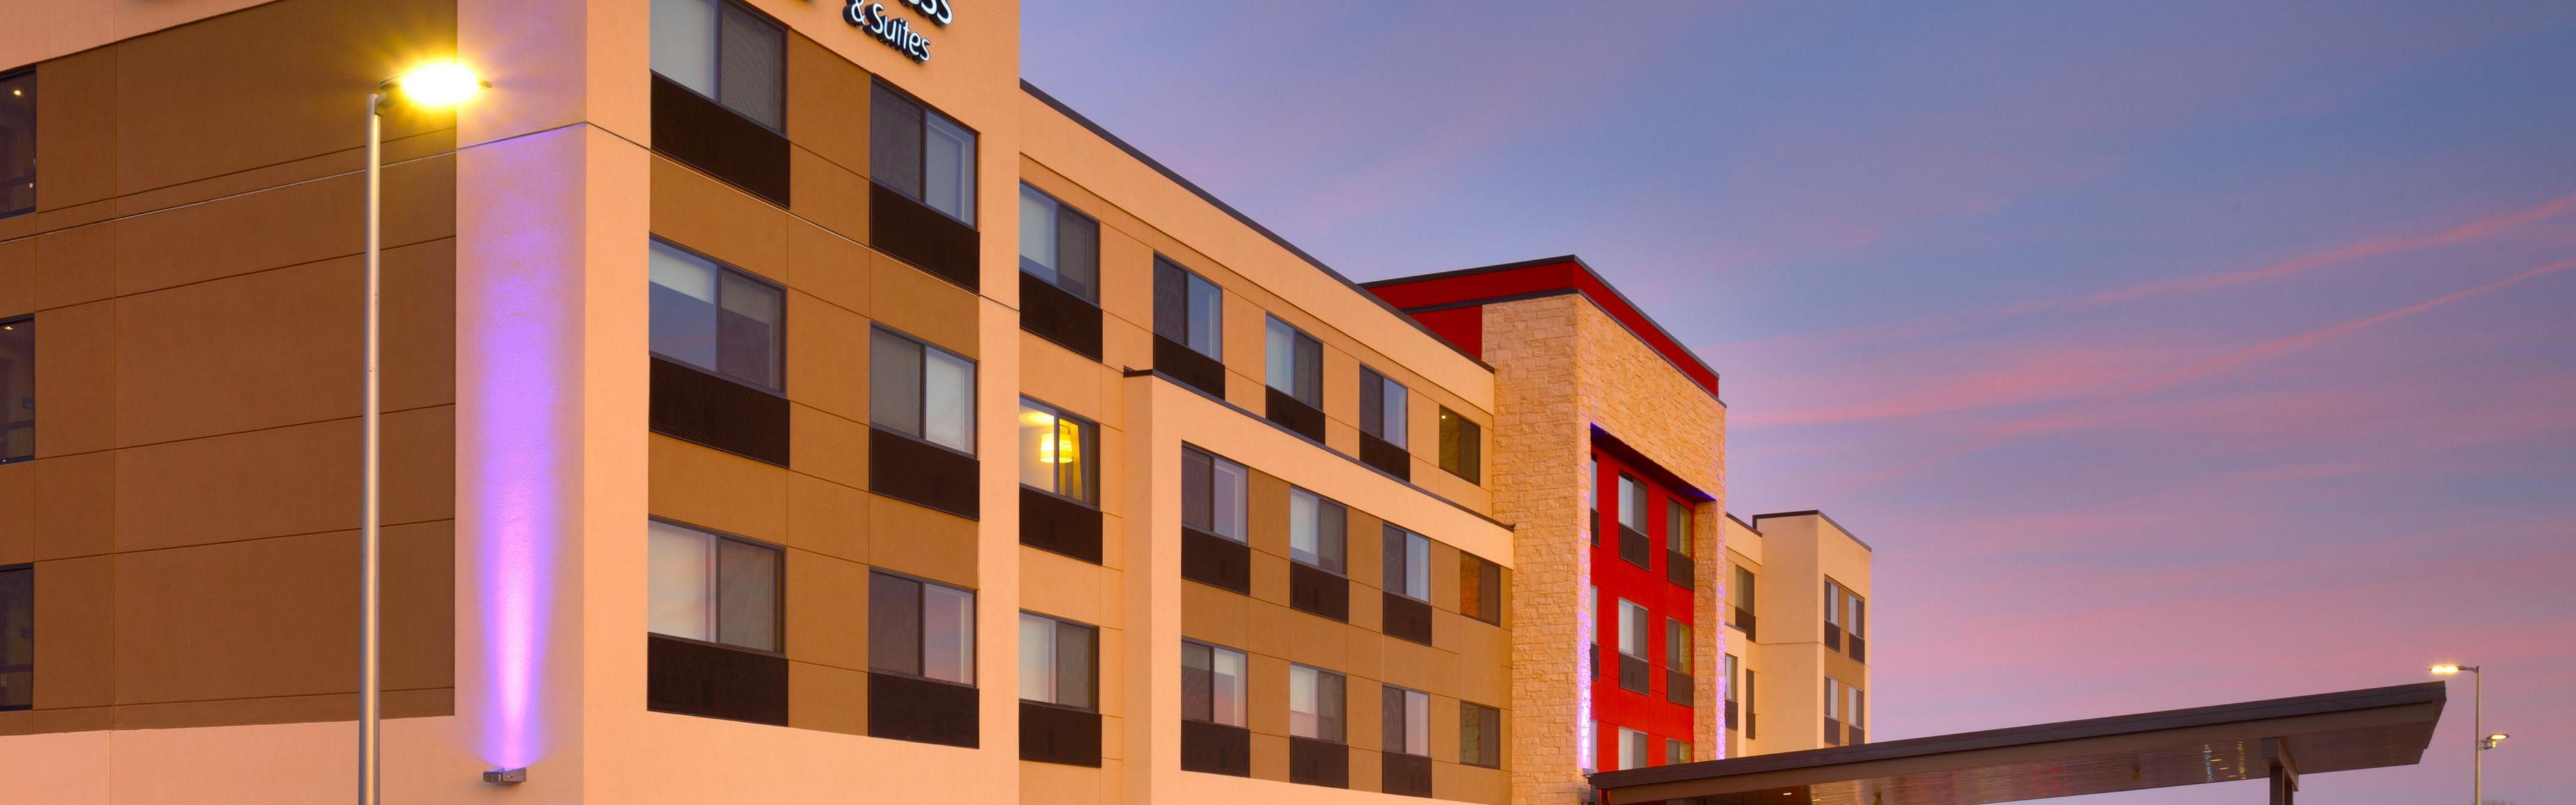 Hotels Motels In Buckeye Az